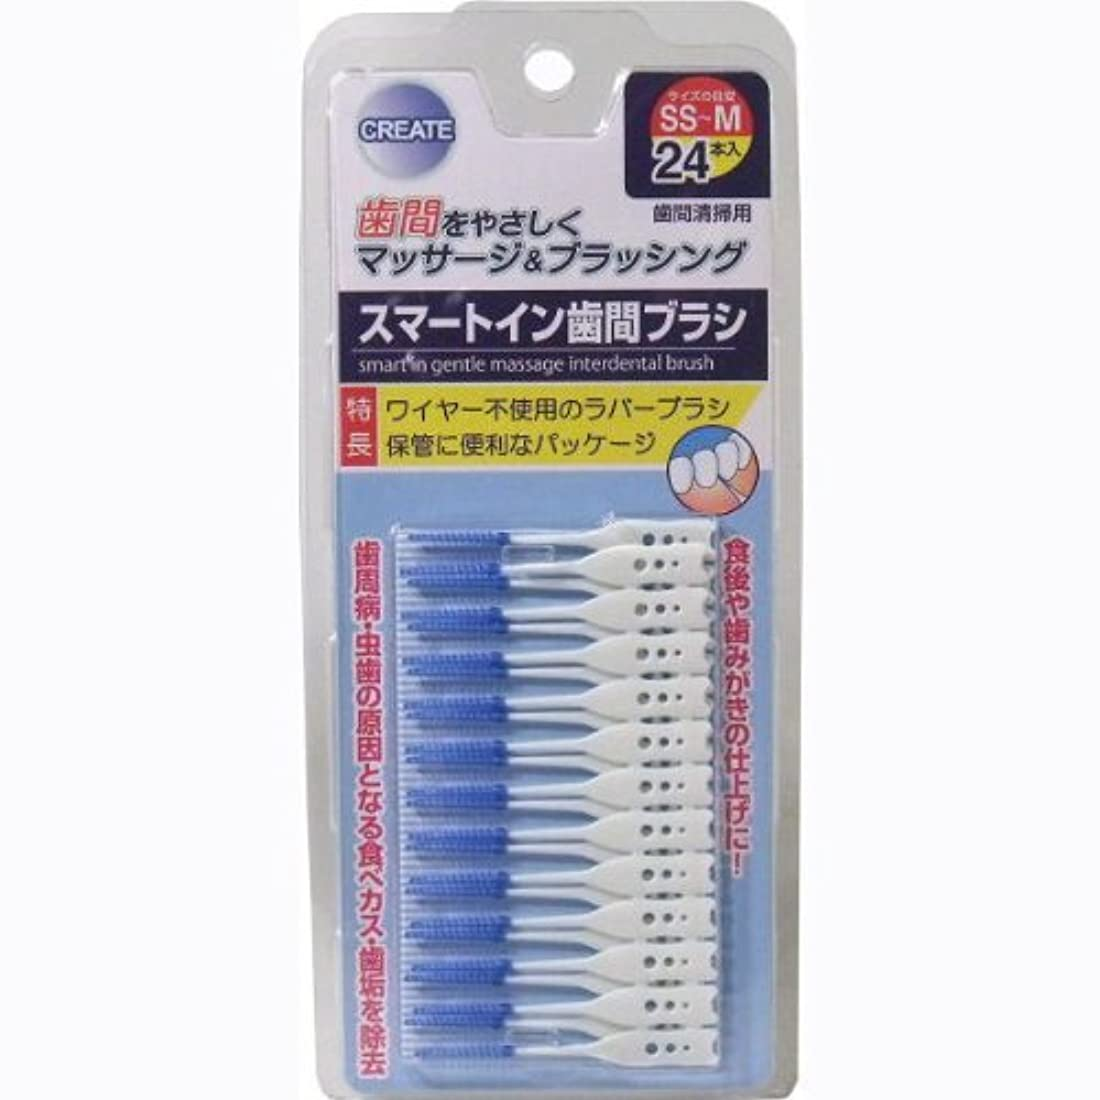 複合テスピアンクリエイト スマートイン歯間ブラシ 24本